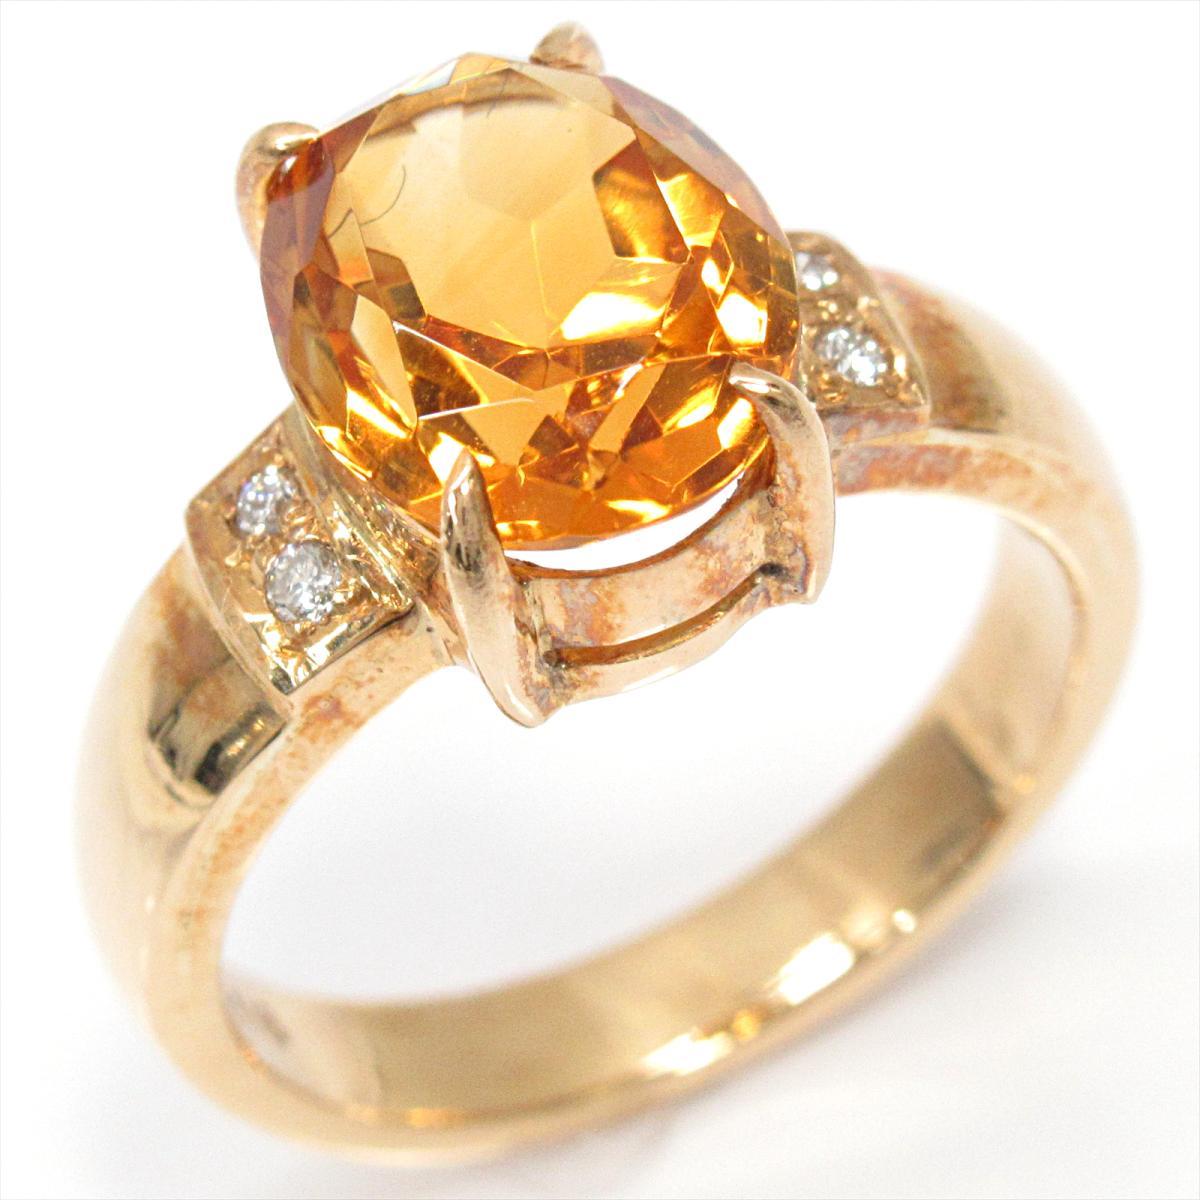 ジュエリー 色石リング 指輪 ノーブランドジュエリー レディース K18YG (750) イエローゴールドx色石 (石目なし) 【中古】 | JEWELRY BRANDOFF ブランドオフ ブランド アクセサリー リング